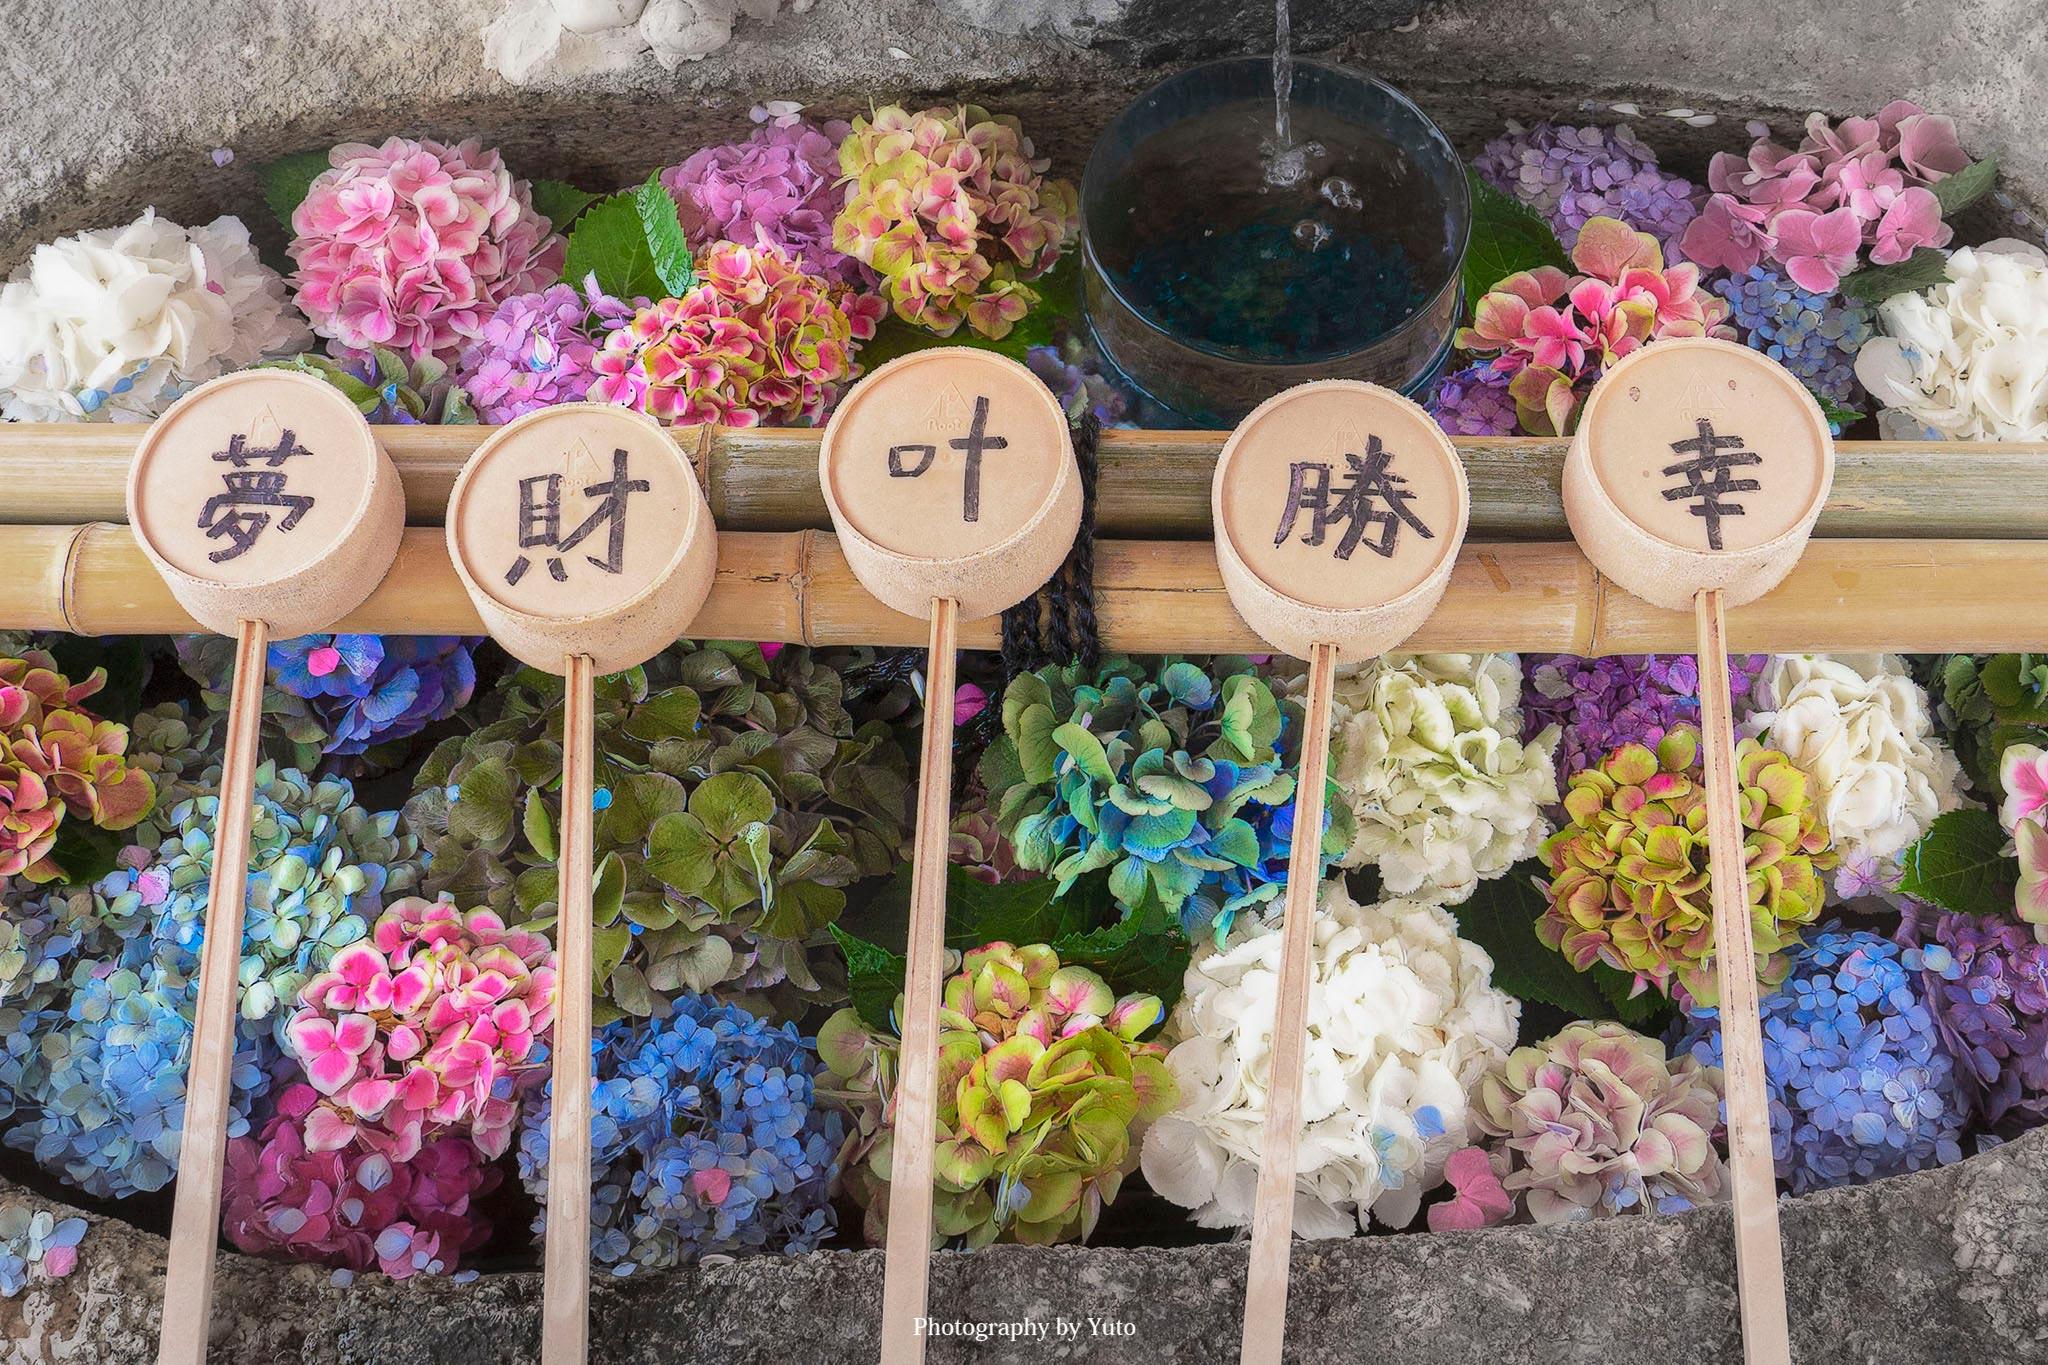 別小江神社(ワケオエジンジャ)・常念寺 愛知県のアジサイ花手水を巡ってきた